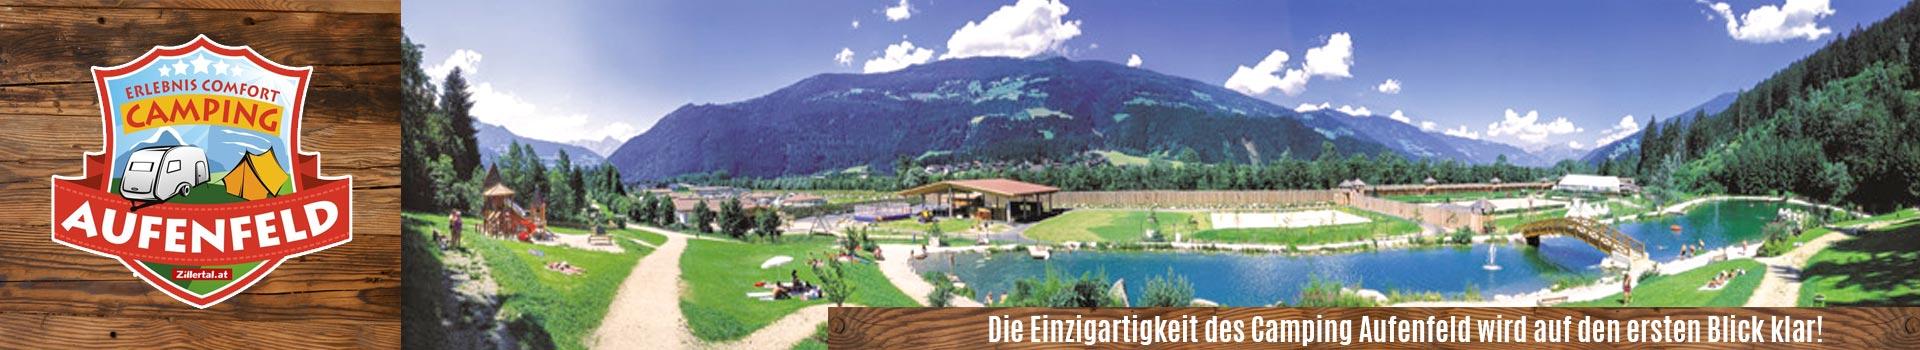 Banner Hotel Suchergebnisse 1920x350px – Campingplatz Auenfeld